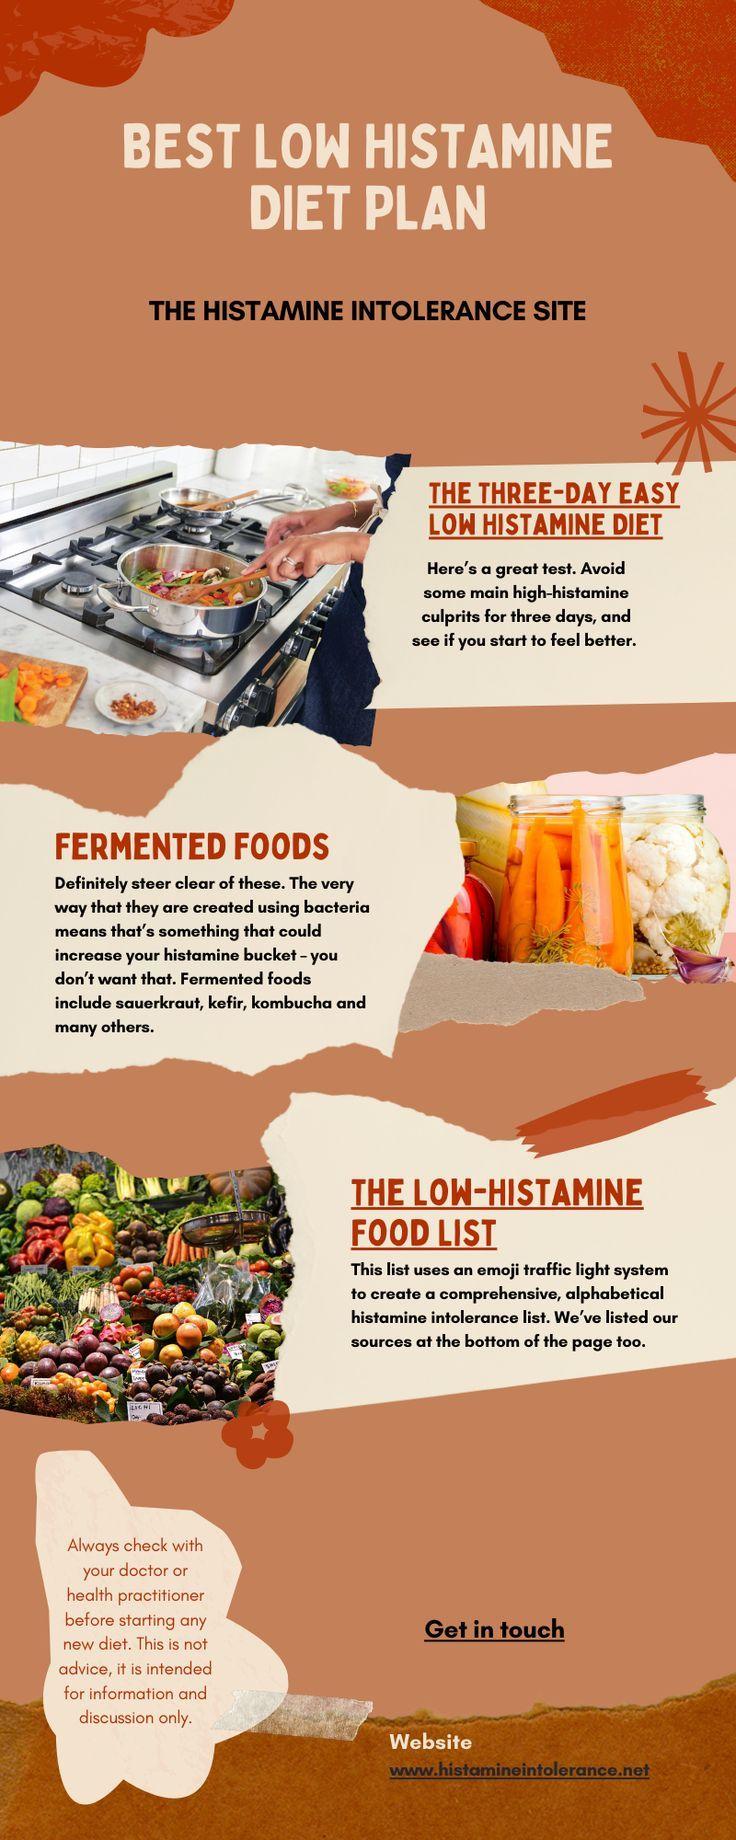 Best Low Histamine Diet Plan